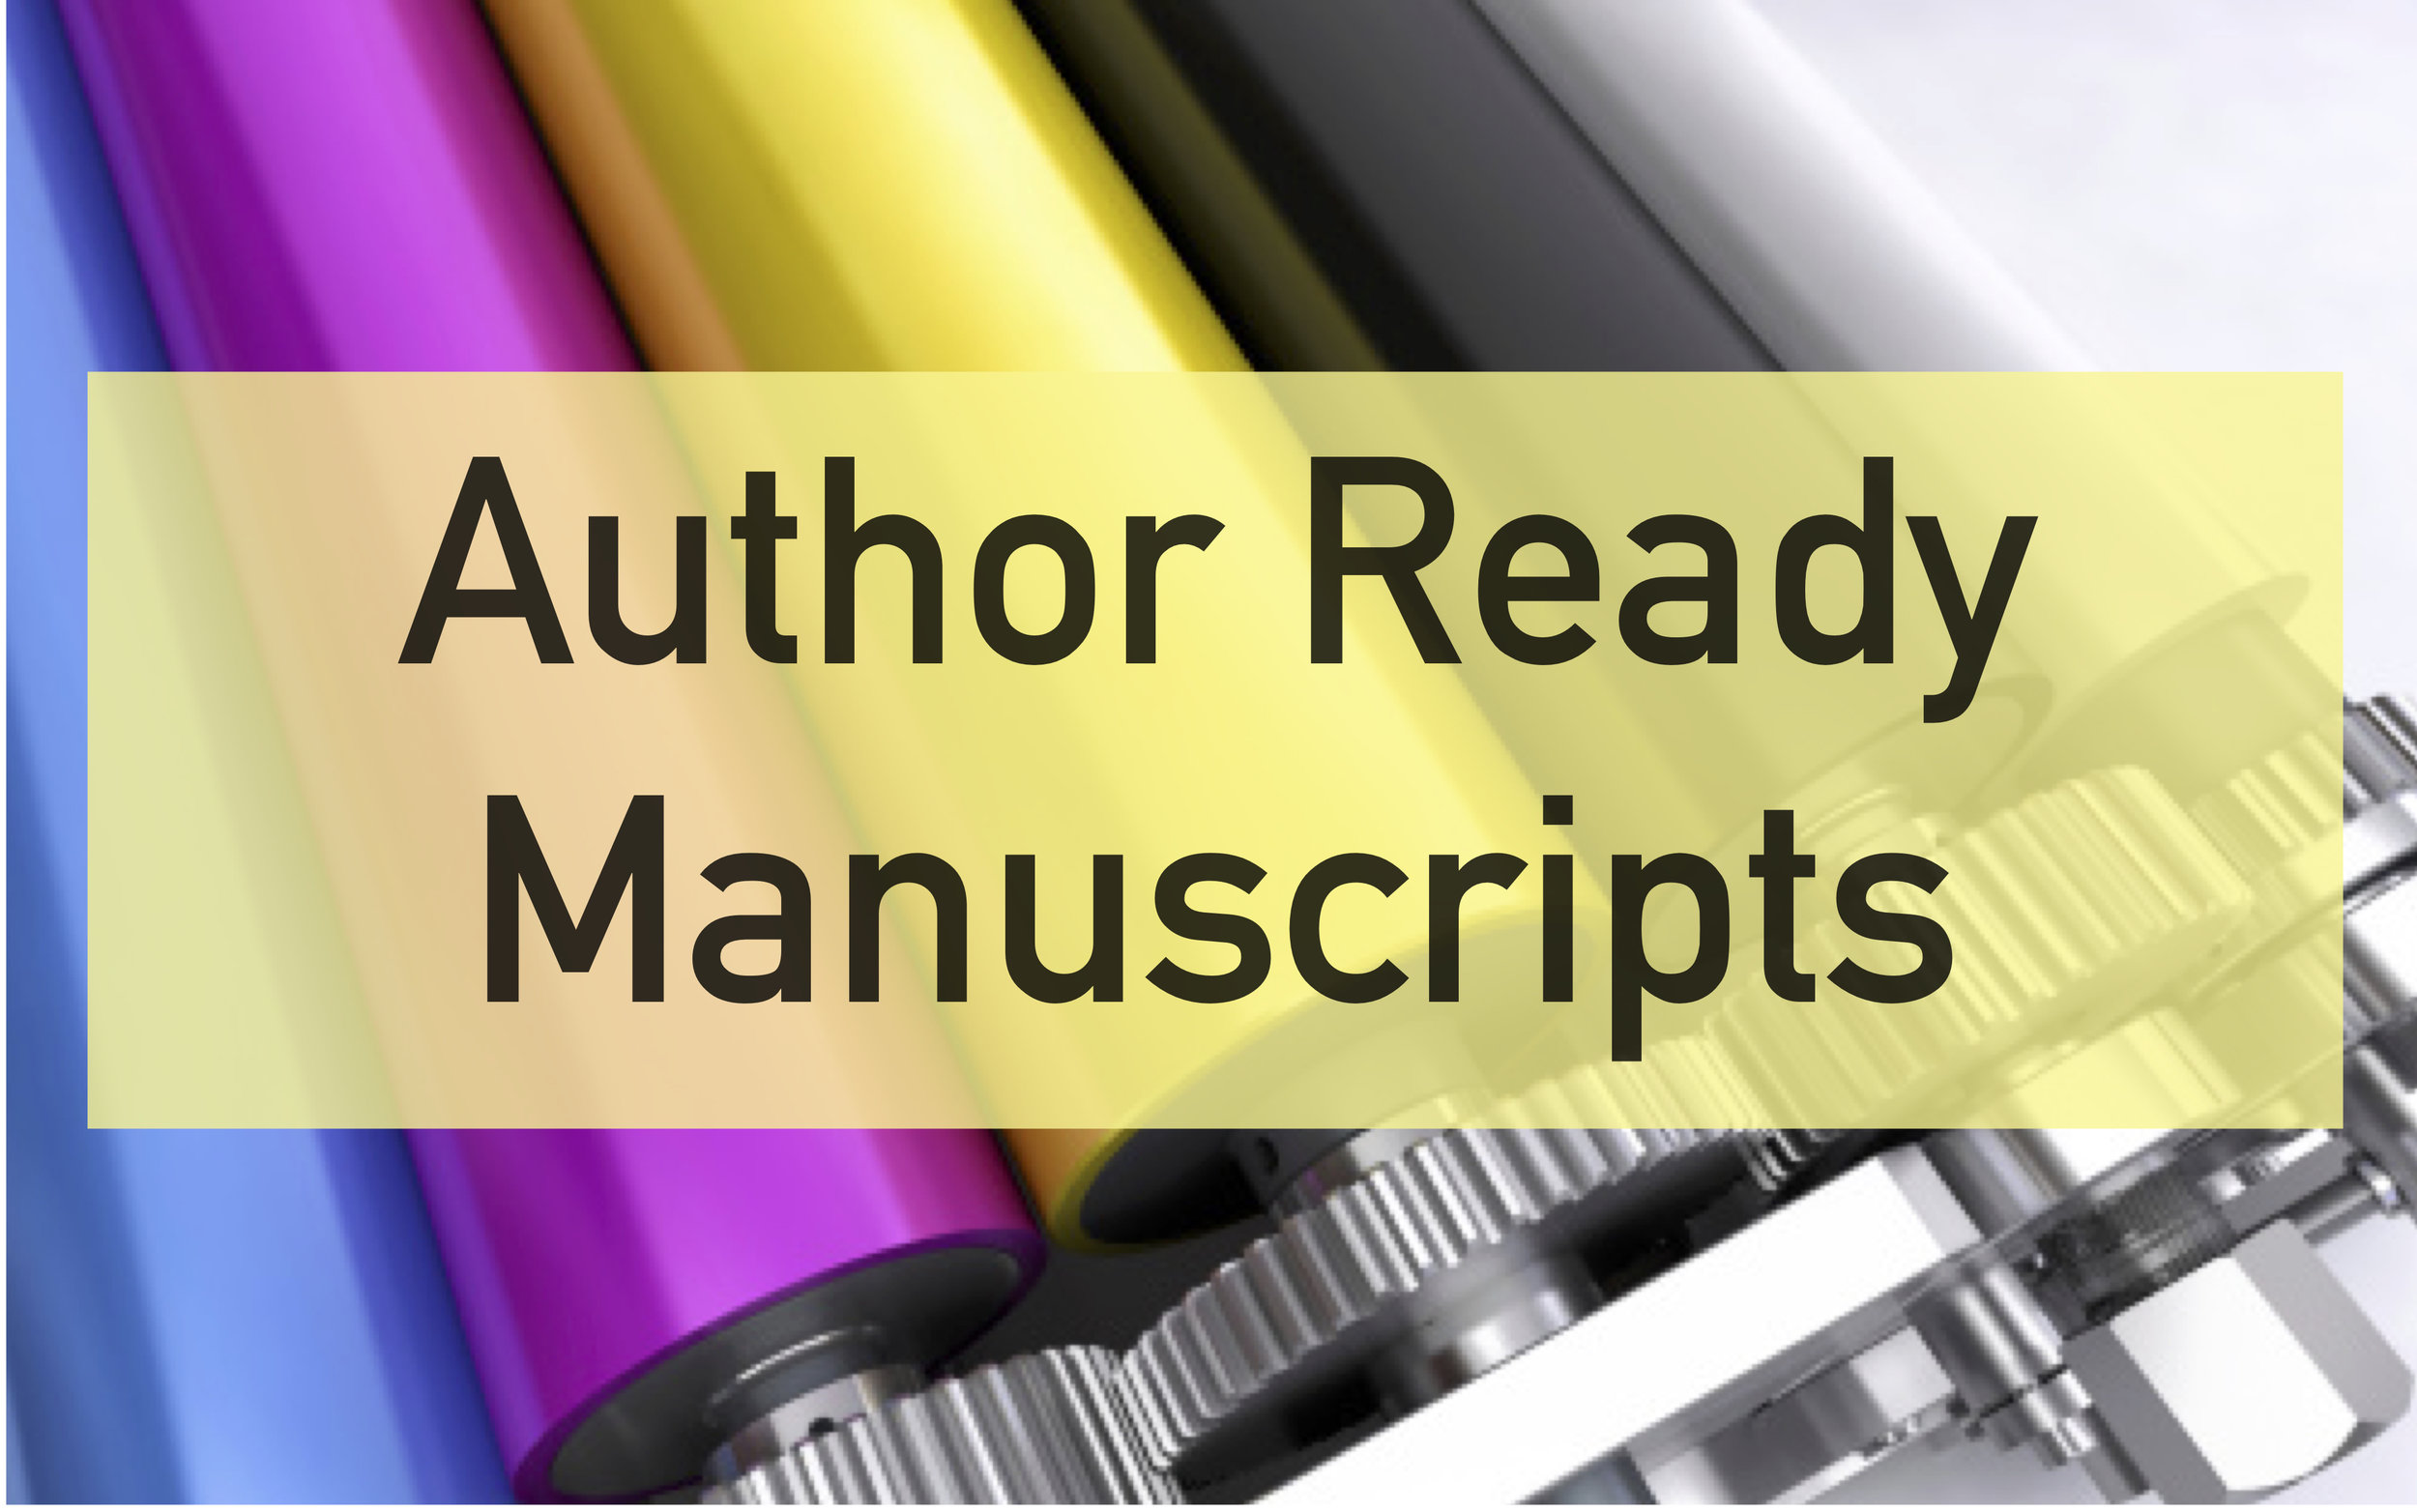 Author Ready JPG.jpg